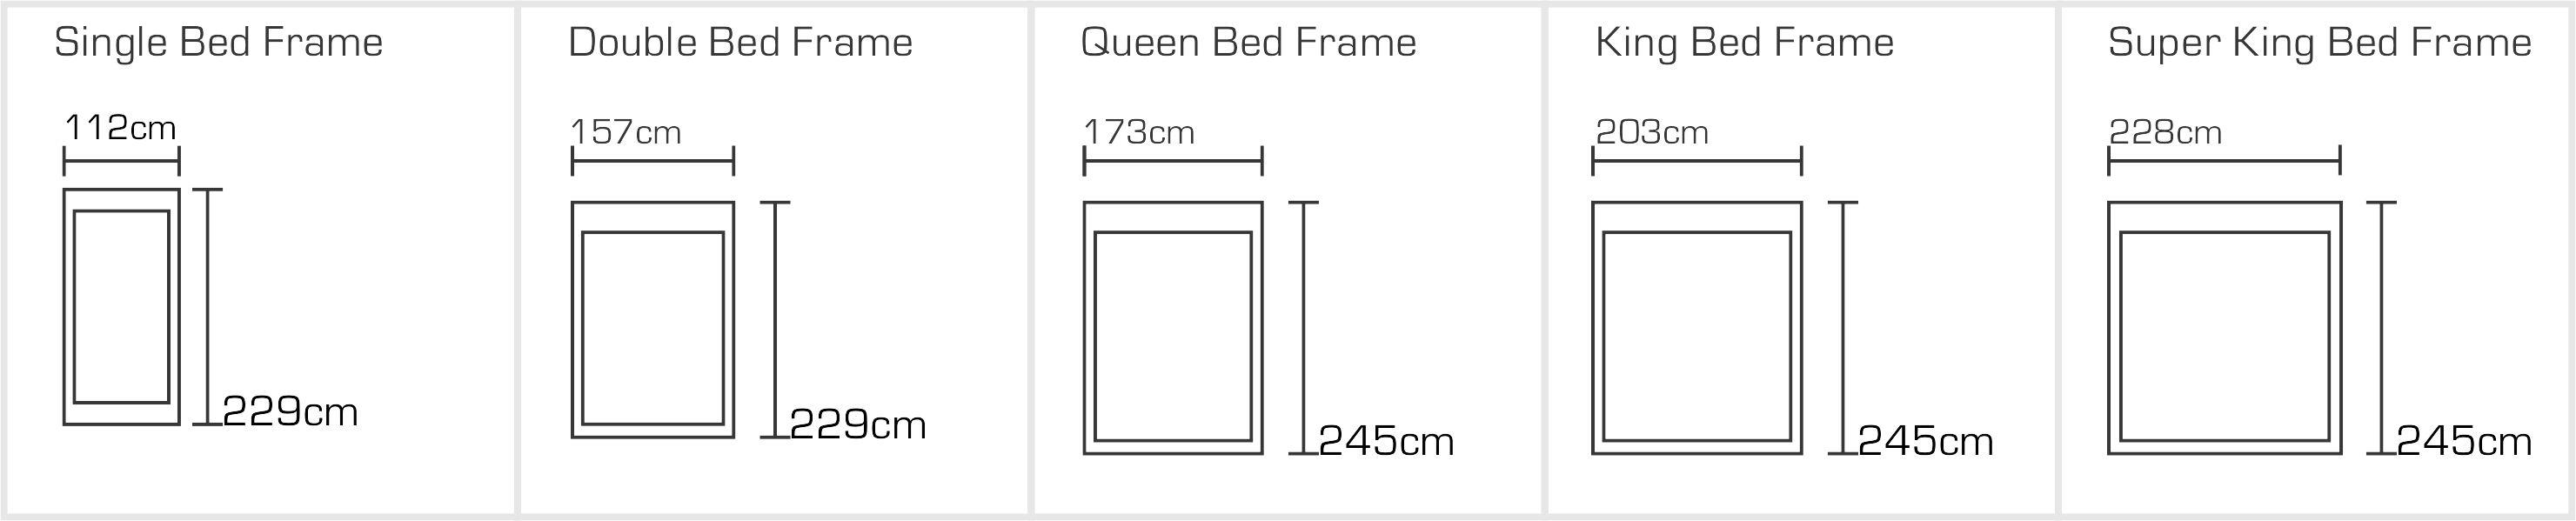 Zonda Bed Sizes